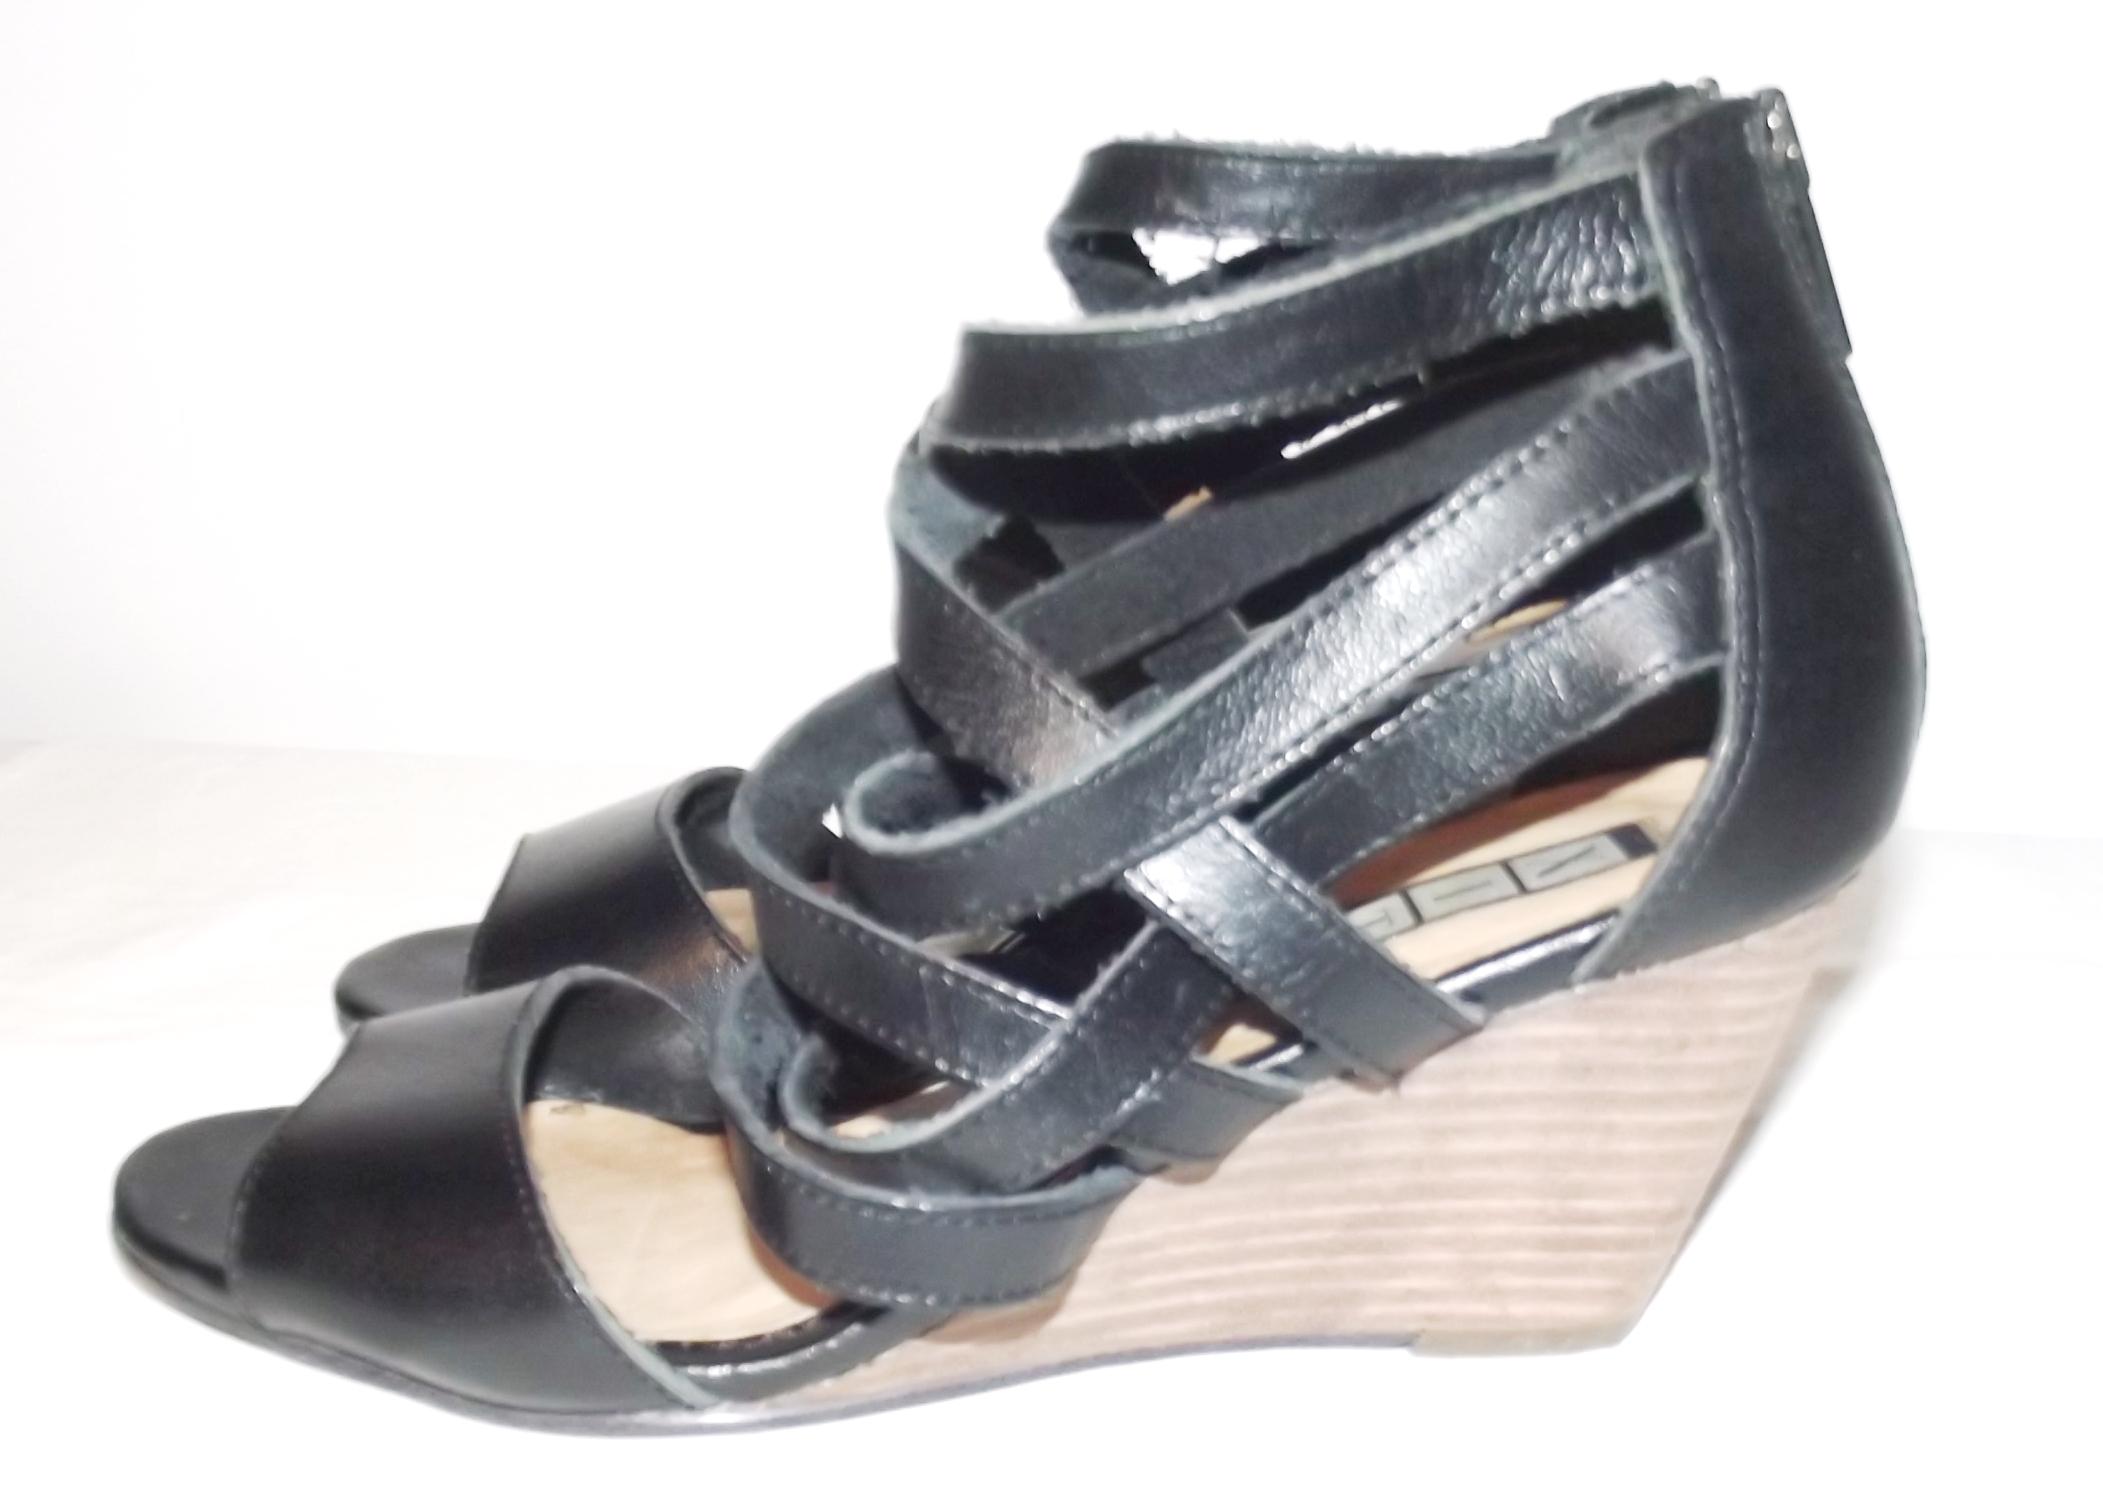 dee0ee7249e69 skórzane sandały rzymianki na koturnie zip 36 - 7030787091 ...